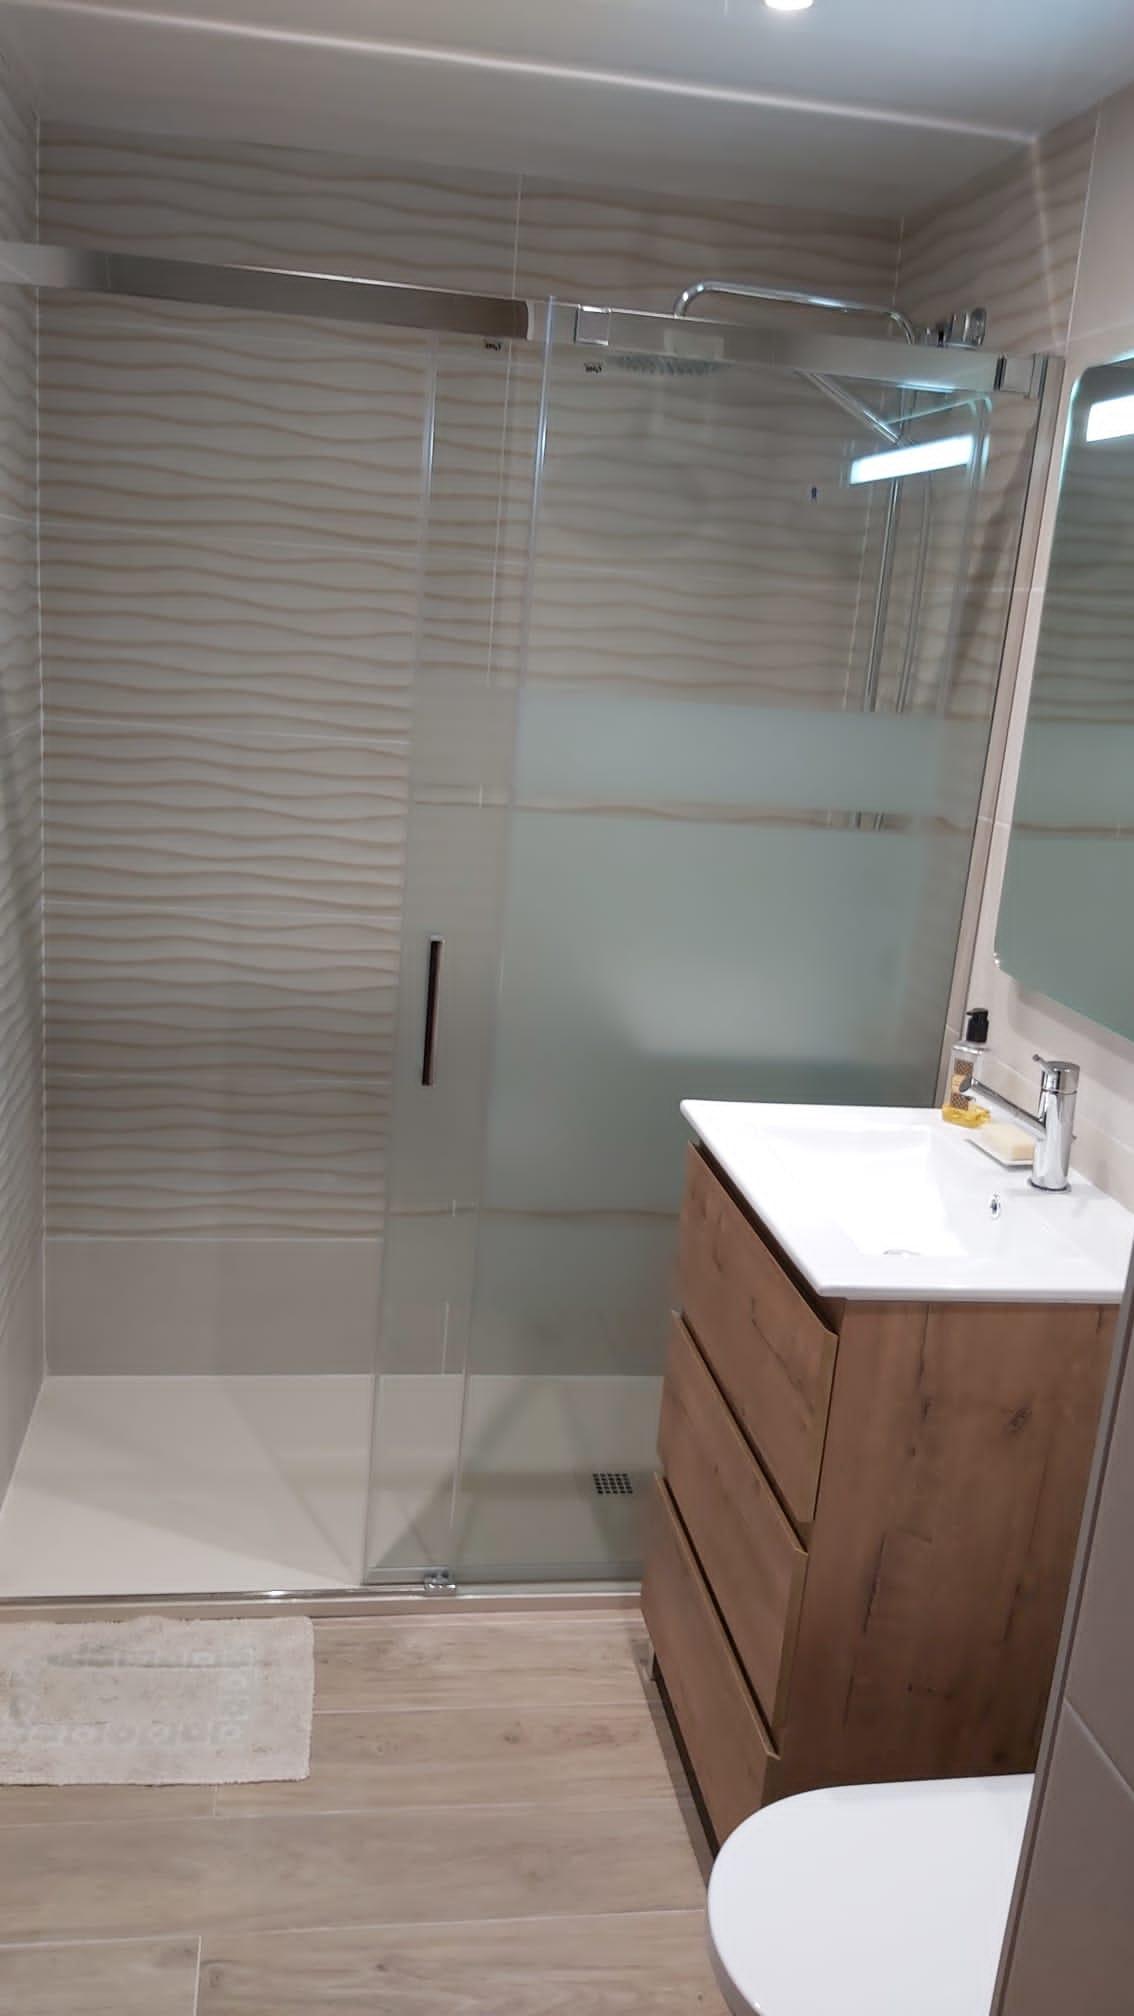 reformes de banys a sant feliu de llobregat